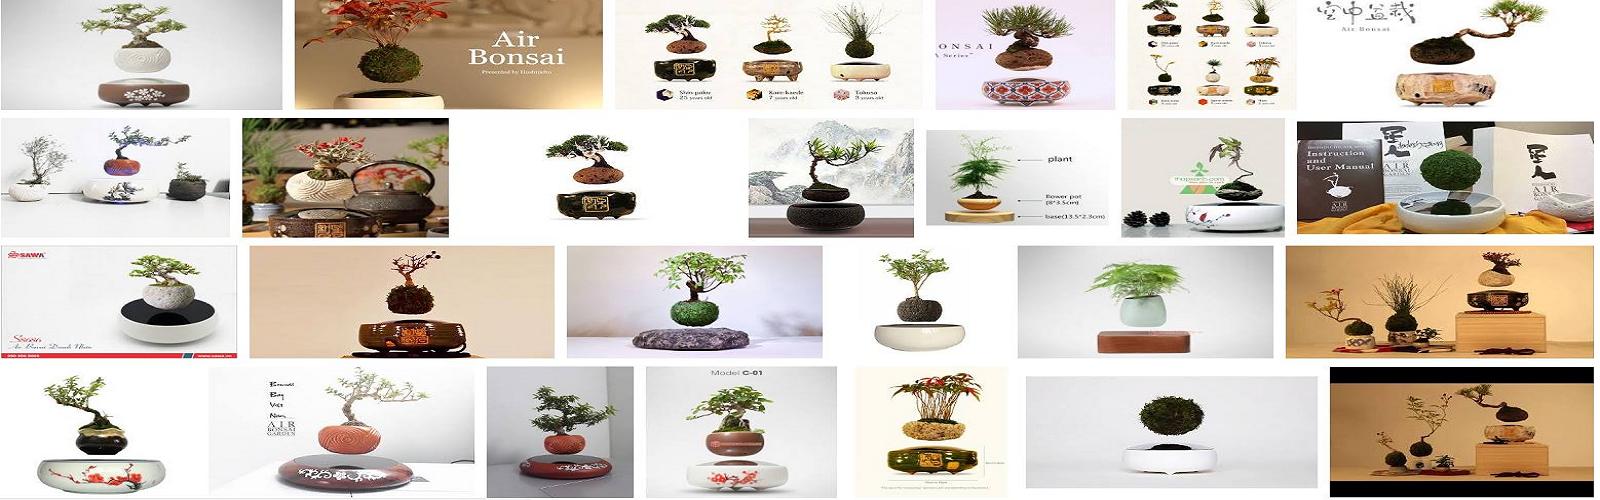 anh bonsai bay